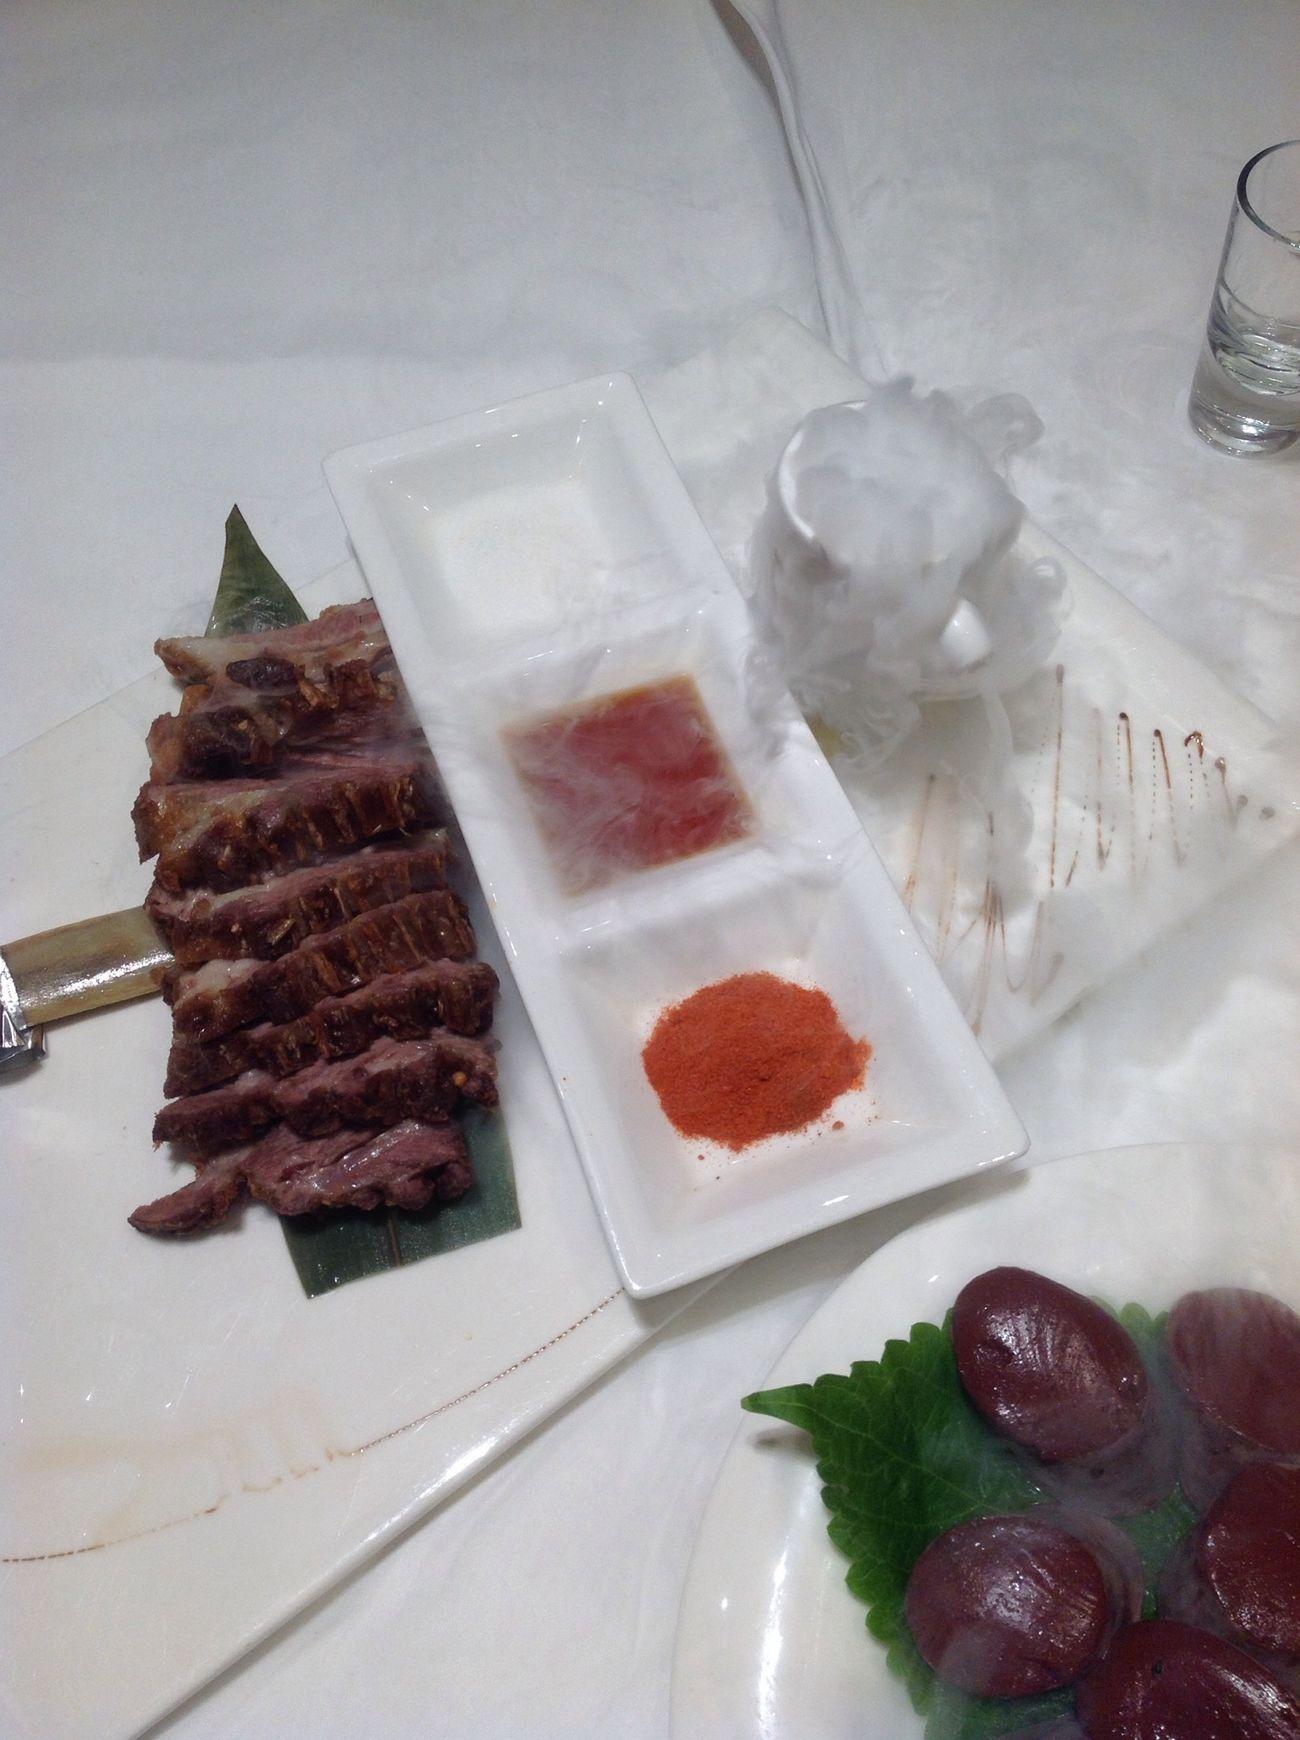 Bitherday dinner - 'smoking' grillec lamb chop My Birthday Dinner Time Grilled Lamb Chop